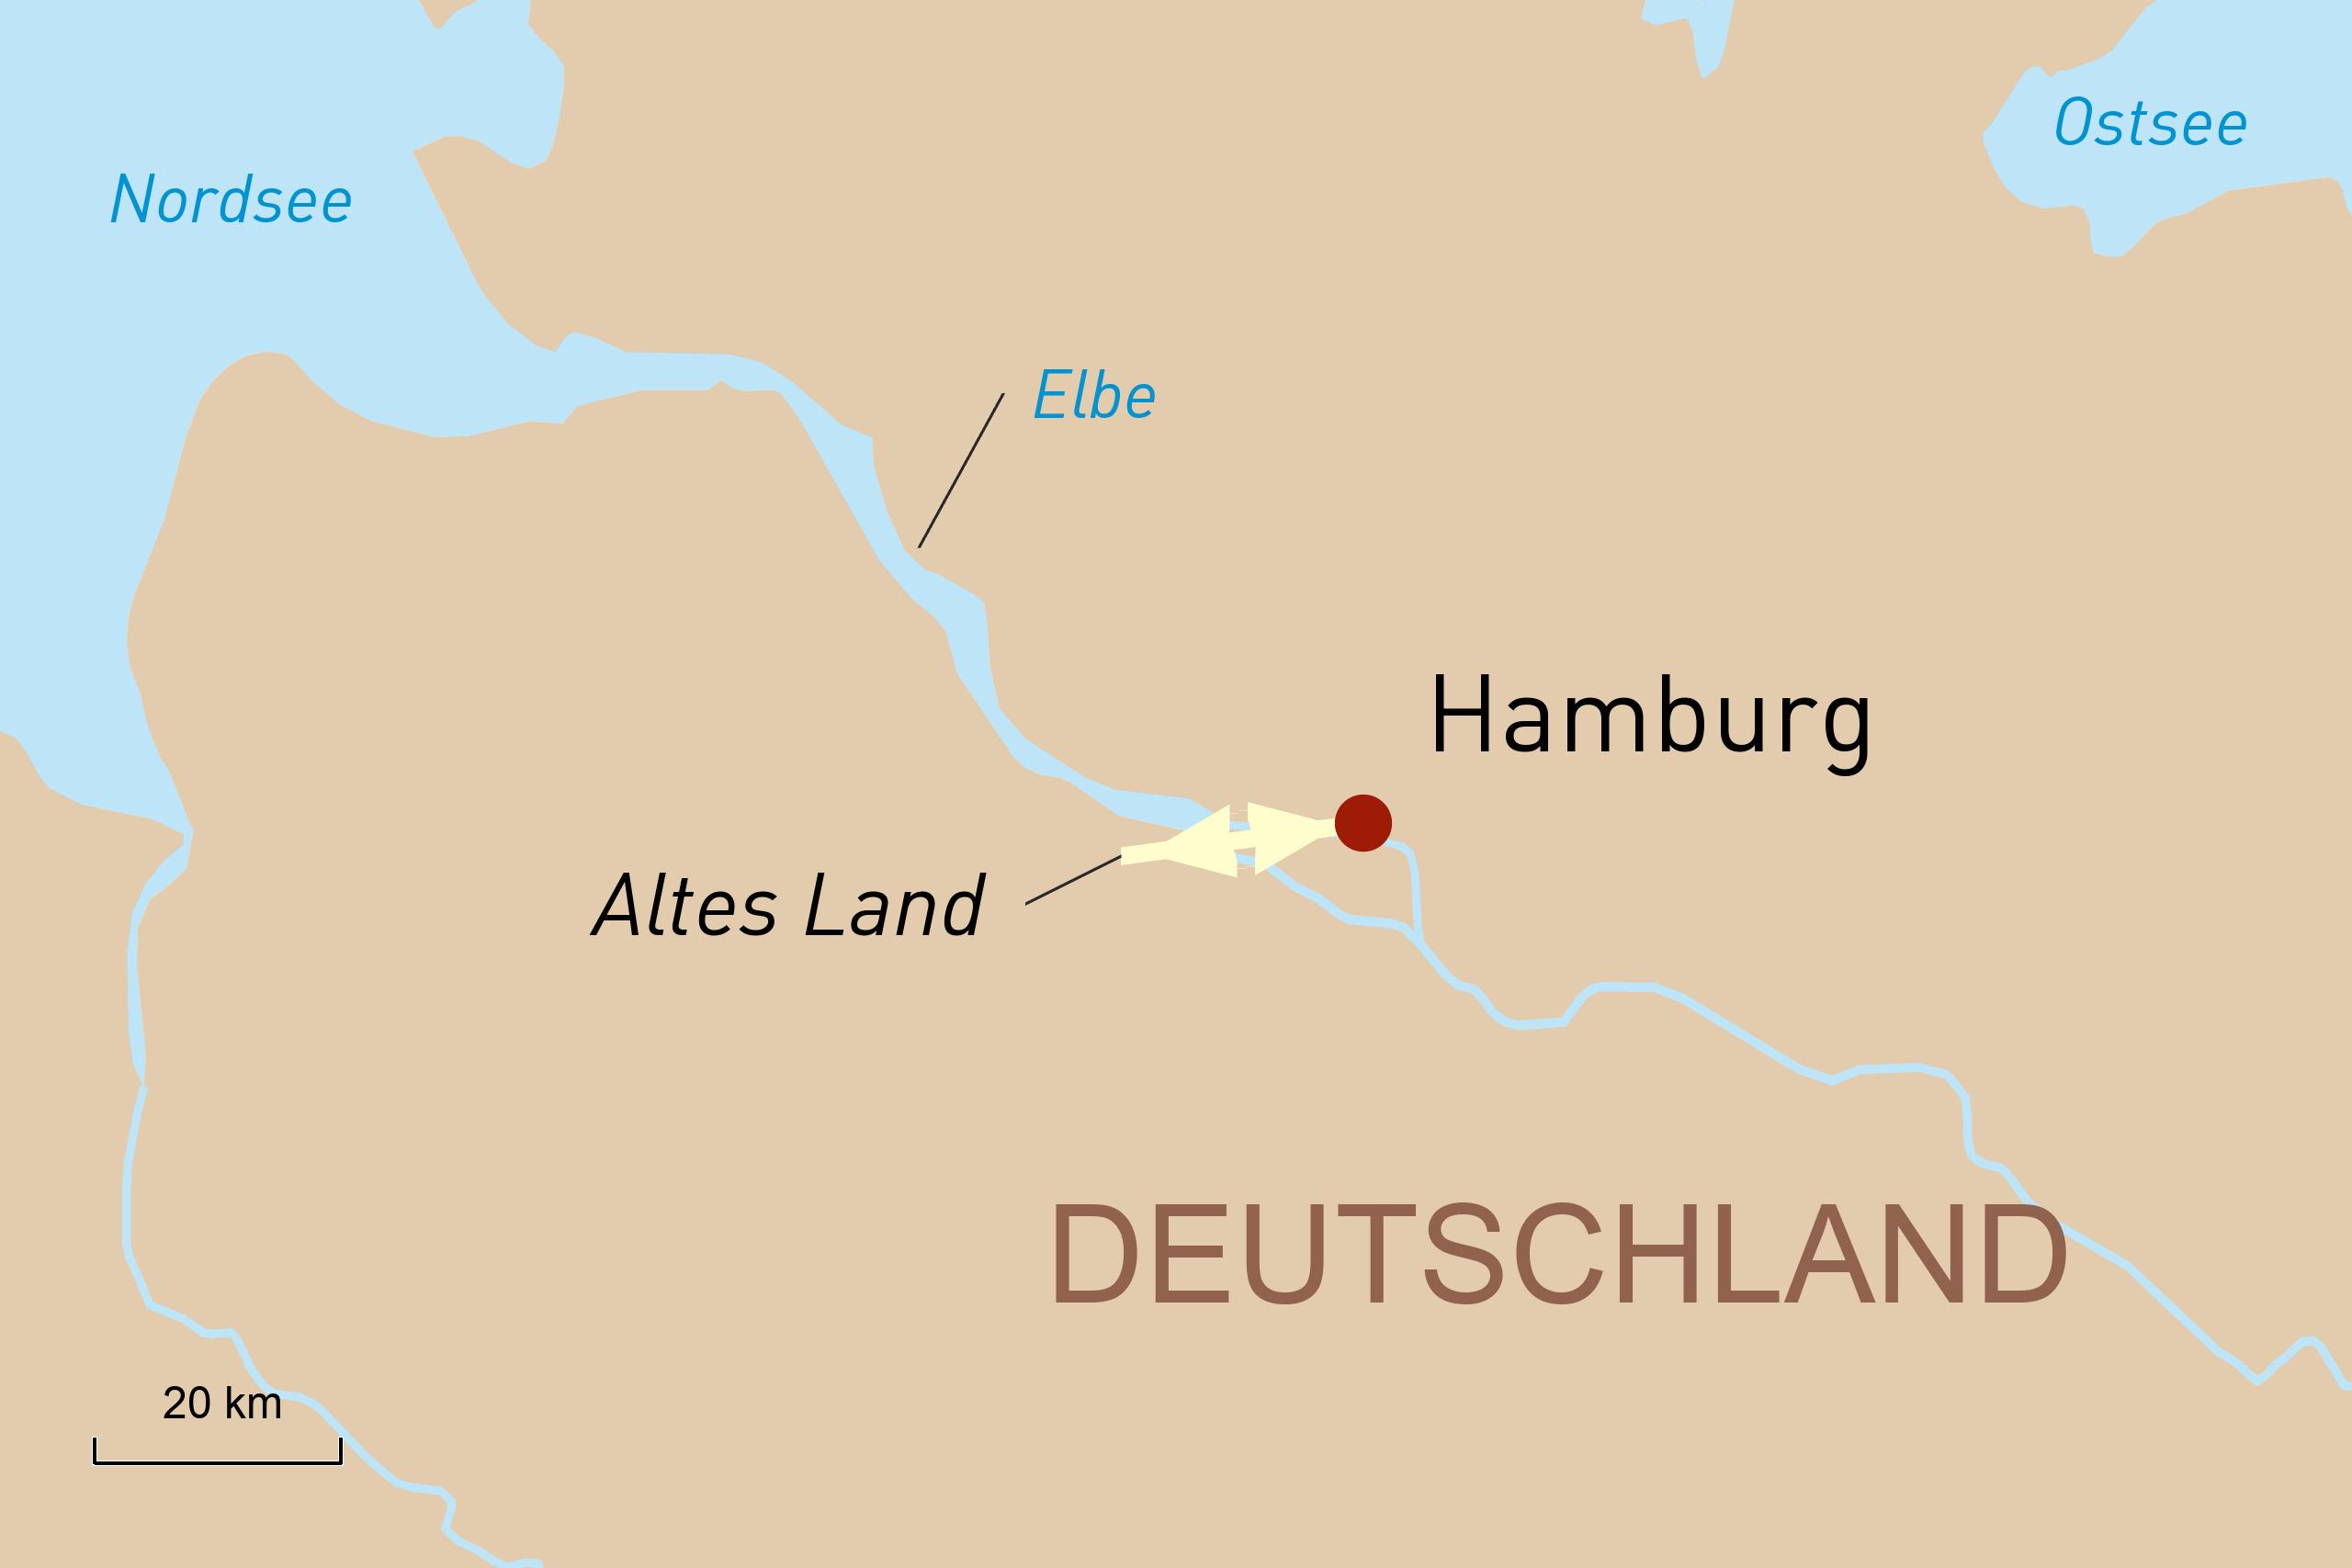 Drei perfekte Tage in Hamburg - Städtereise mit Geoplan Privatreisen